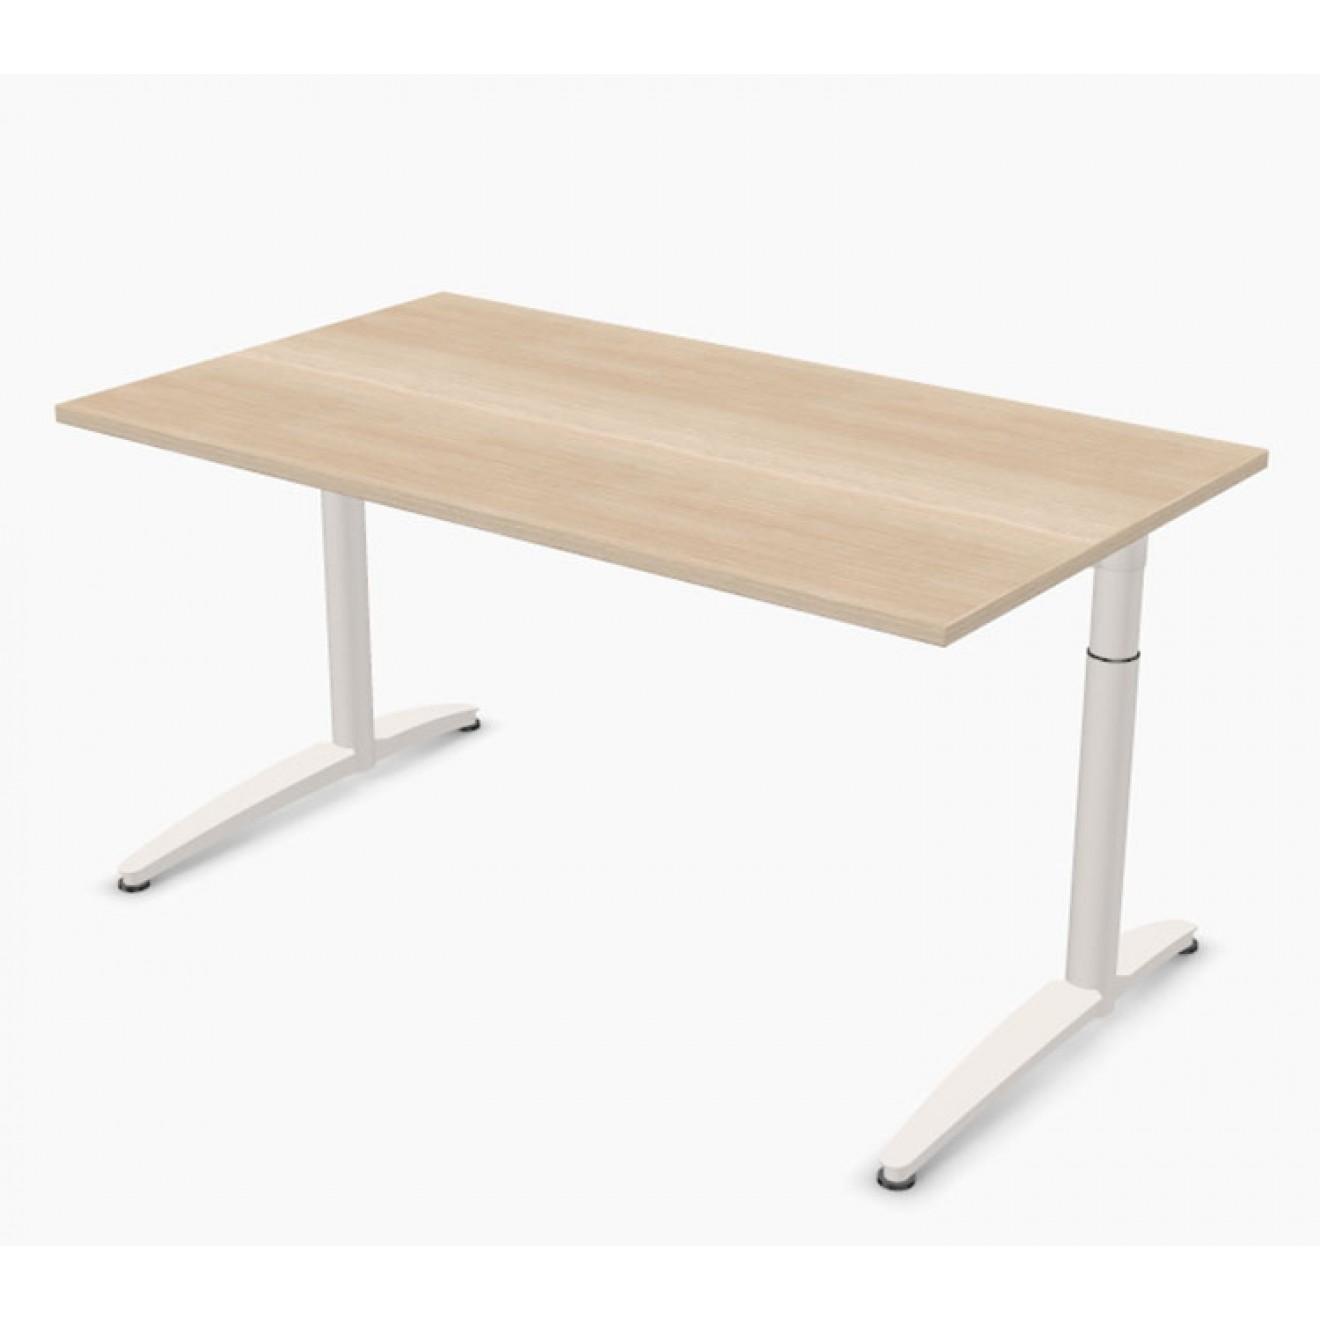 Schreibtisch palmberg caldo 140 x 80 x 65 85 cm for Schreibtisch 85 cm hoch